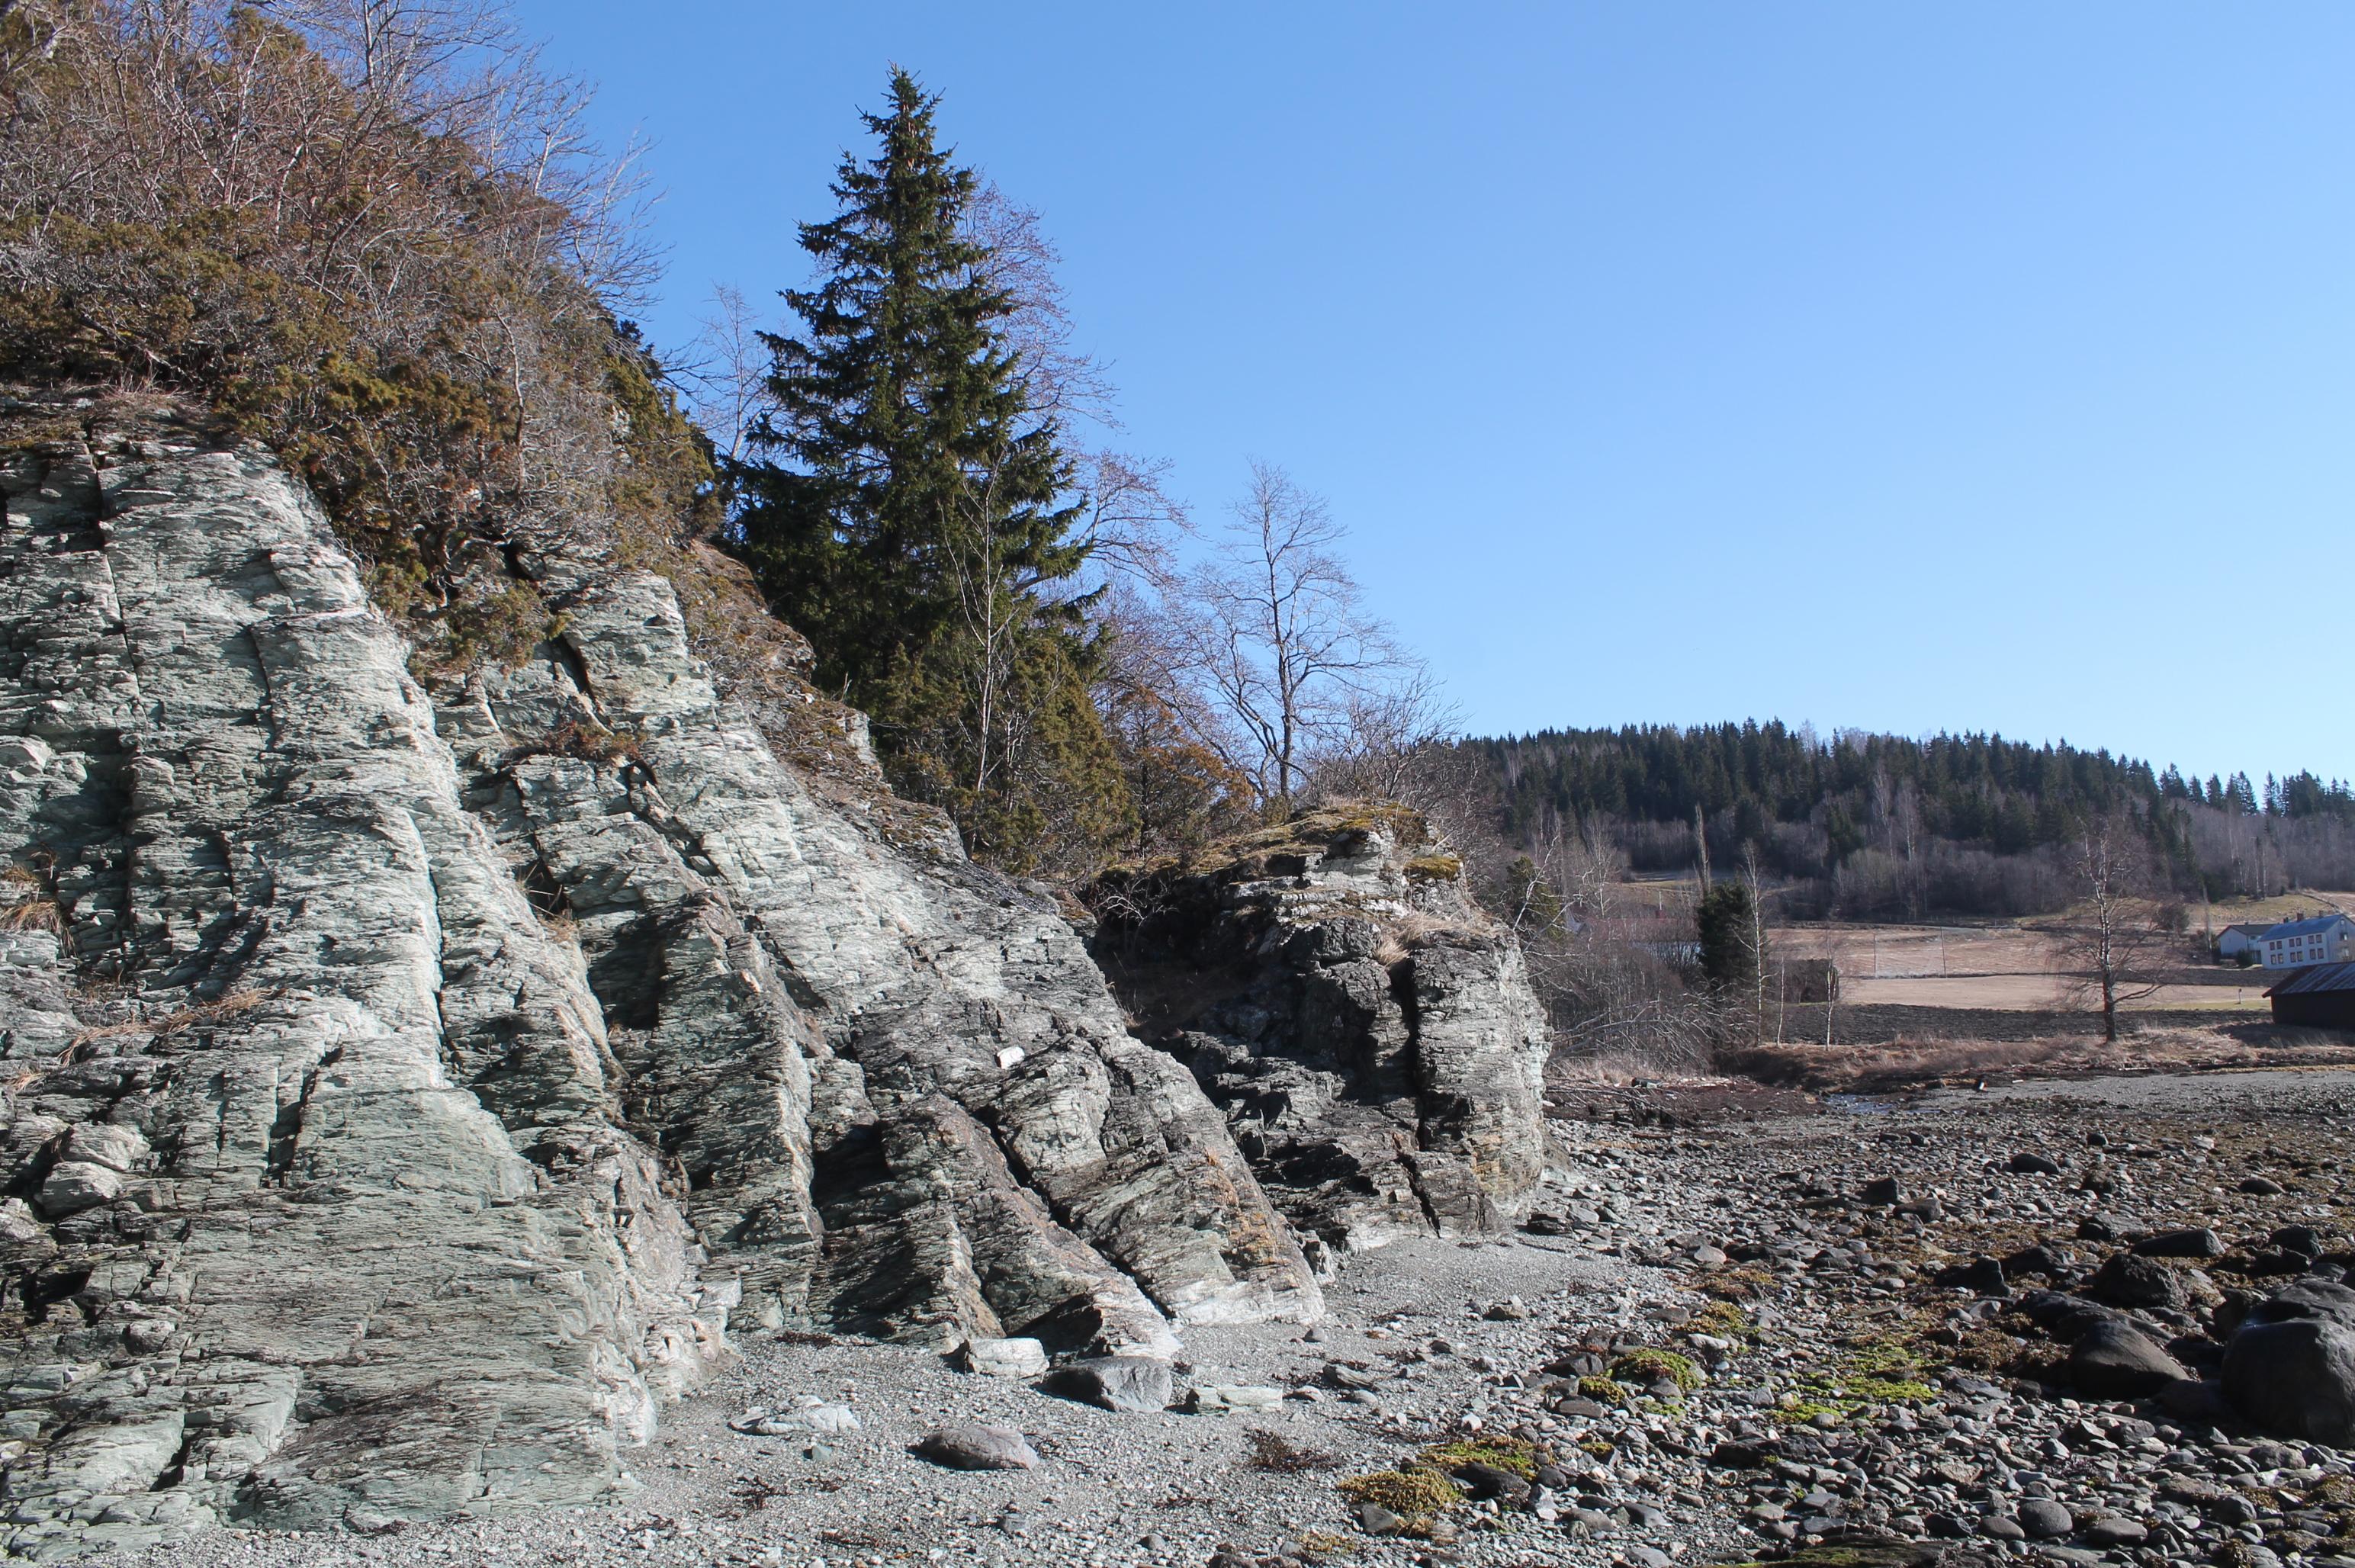 8. Nils forteller at et sted i dette berget bygget han, sammen med Johannes og nabogutta, en koselig hytte med vedovn. I bakgrunnen Sjøbygda med gården Forr